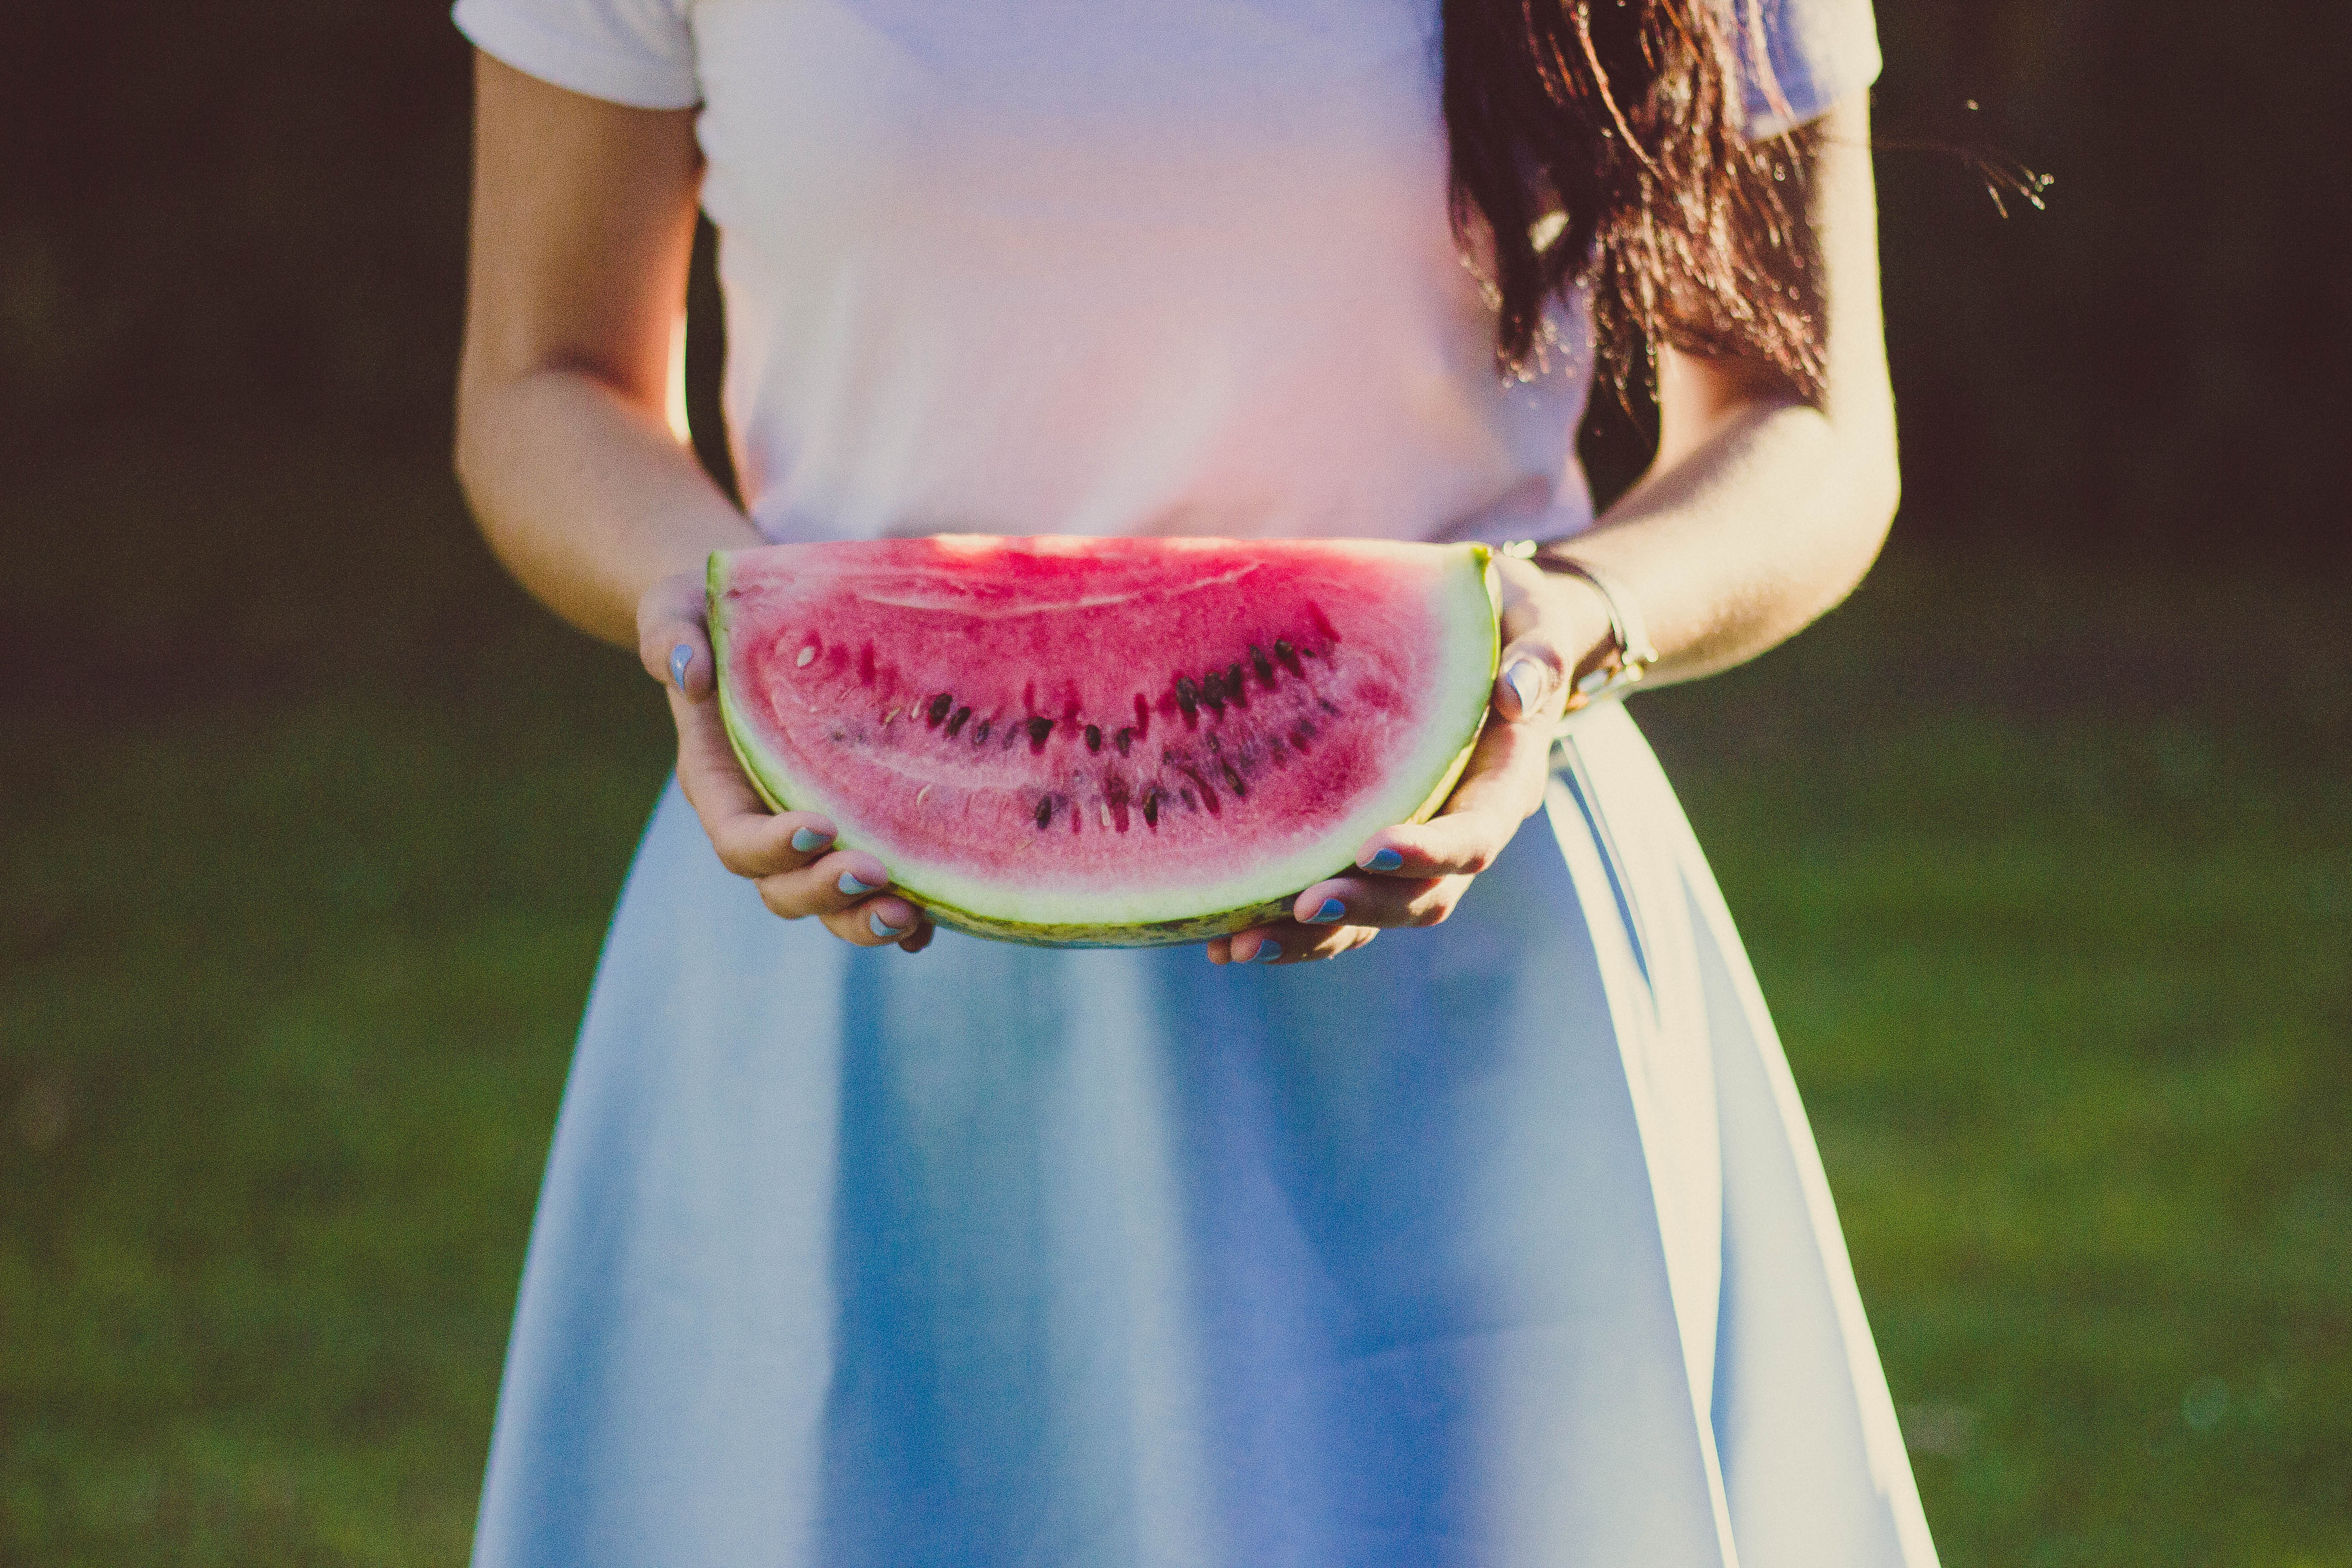 Obniżona rezerwa jajnikowa (niskie AMH) i dieta